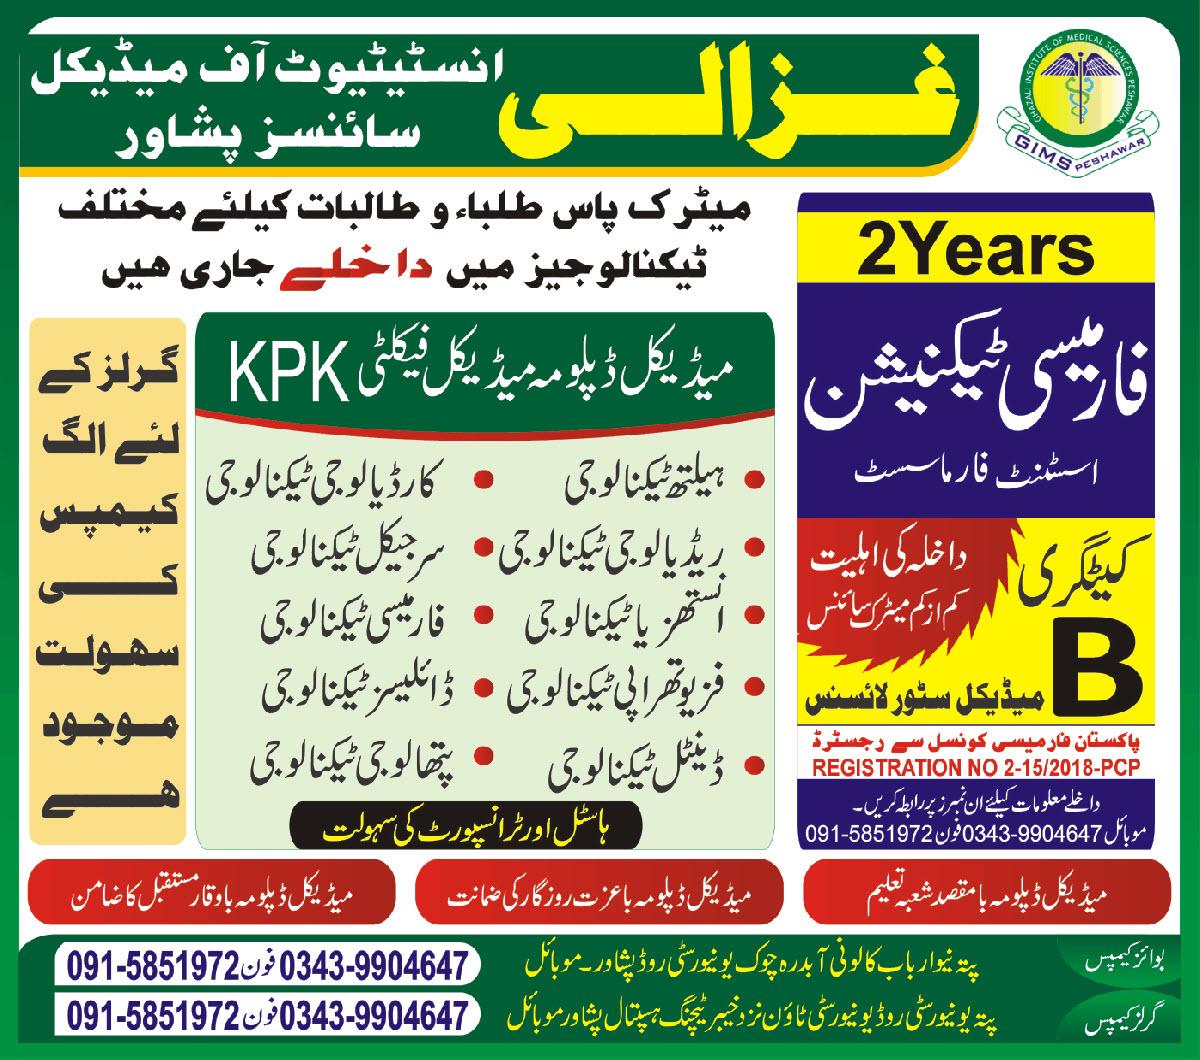 Ghazali Institute Of Medical Sciences Peshawar Admissions